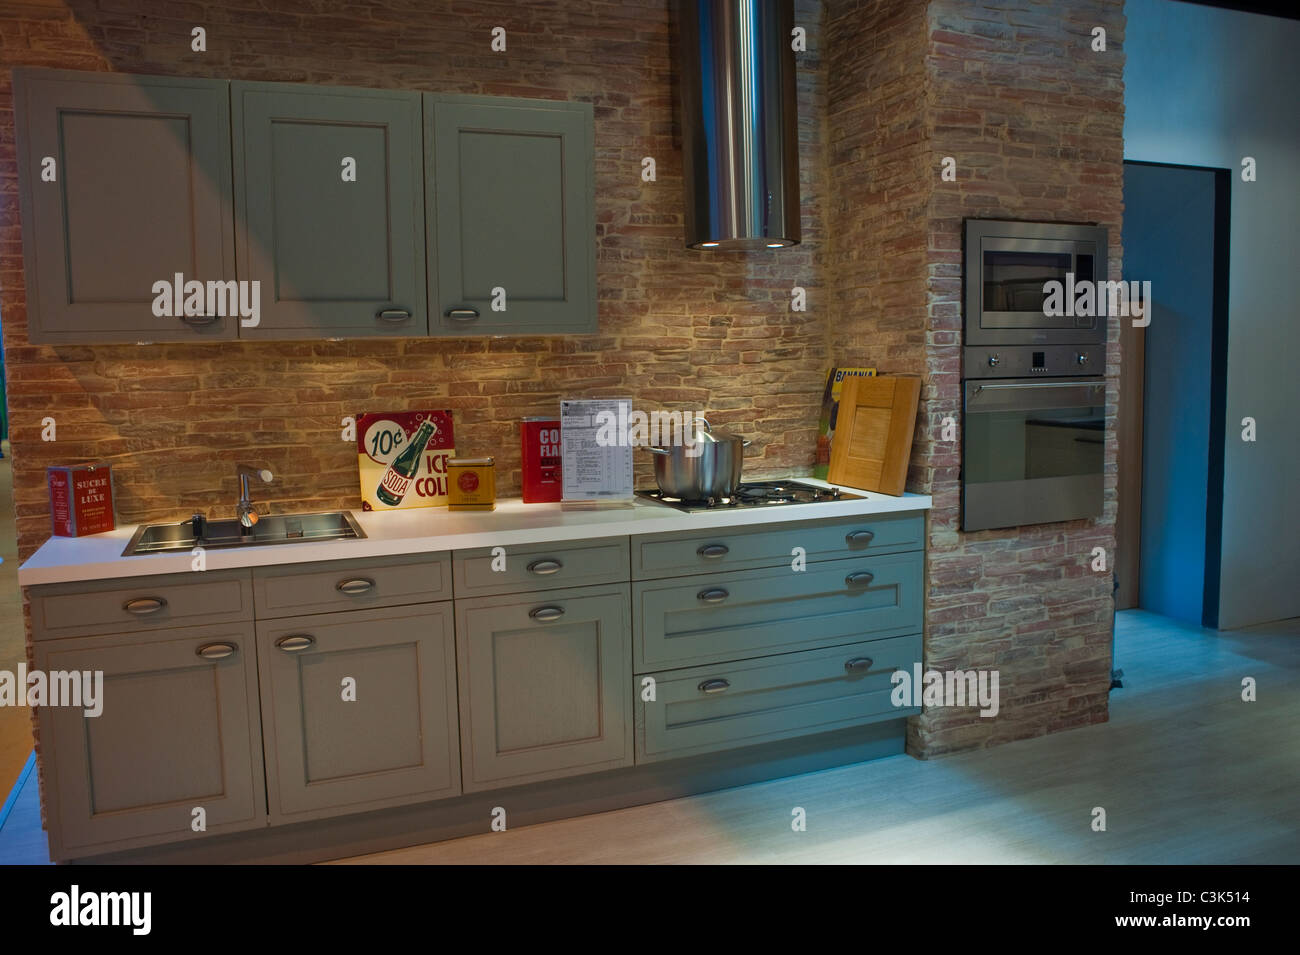 Groß Küche Themen Hähnen Galerie - Ideen Für Die Küche Dekoration ...